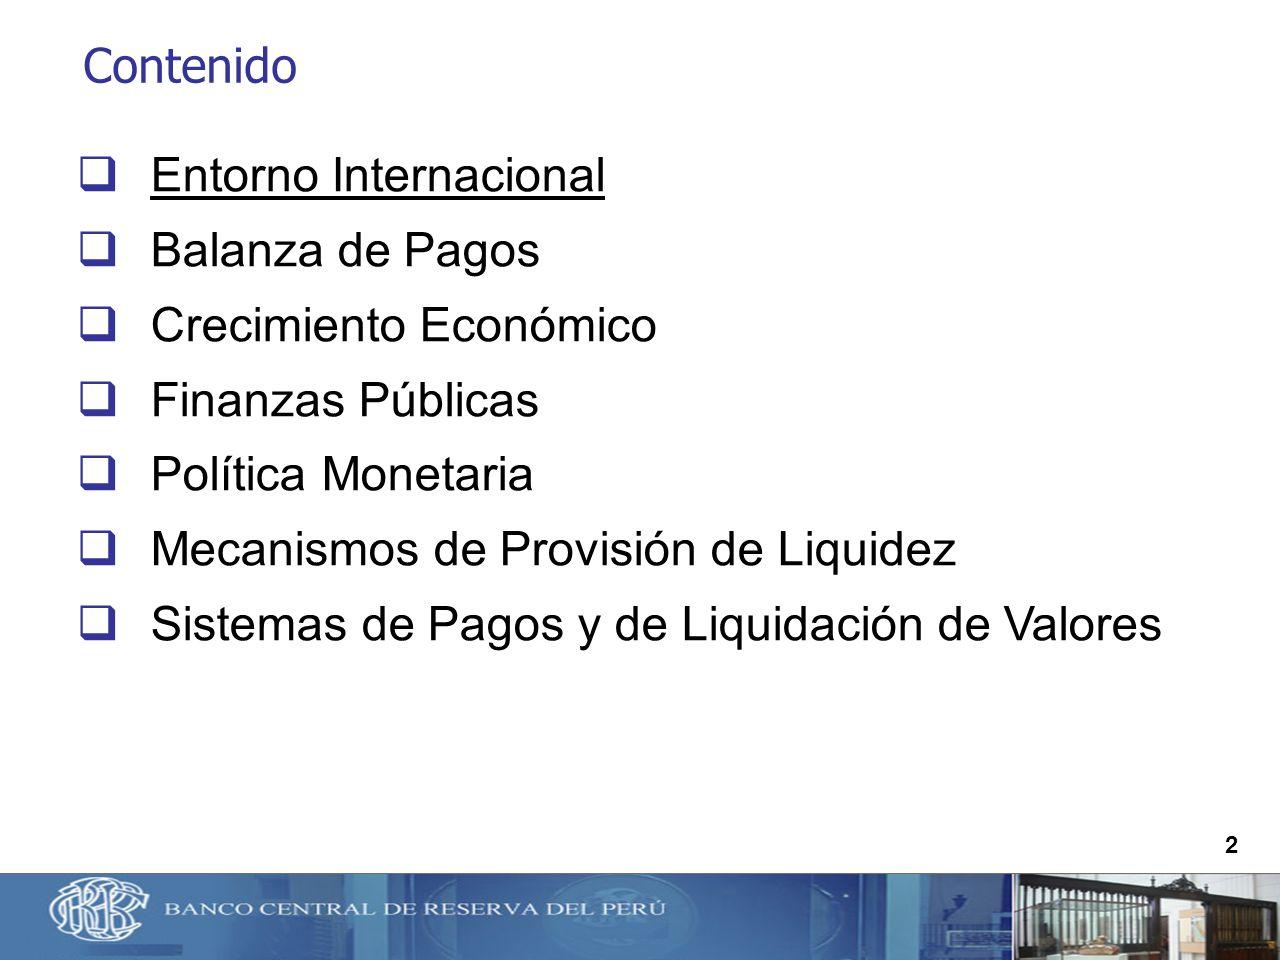 2 Contenido Entorno Internacional Balanza de Pagos Crecimiento Económico Finanzas Públicas Política Monetaria Mecanismos de Provisión de Liquidez Sist